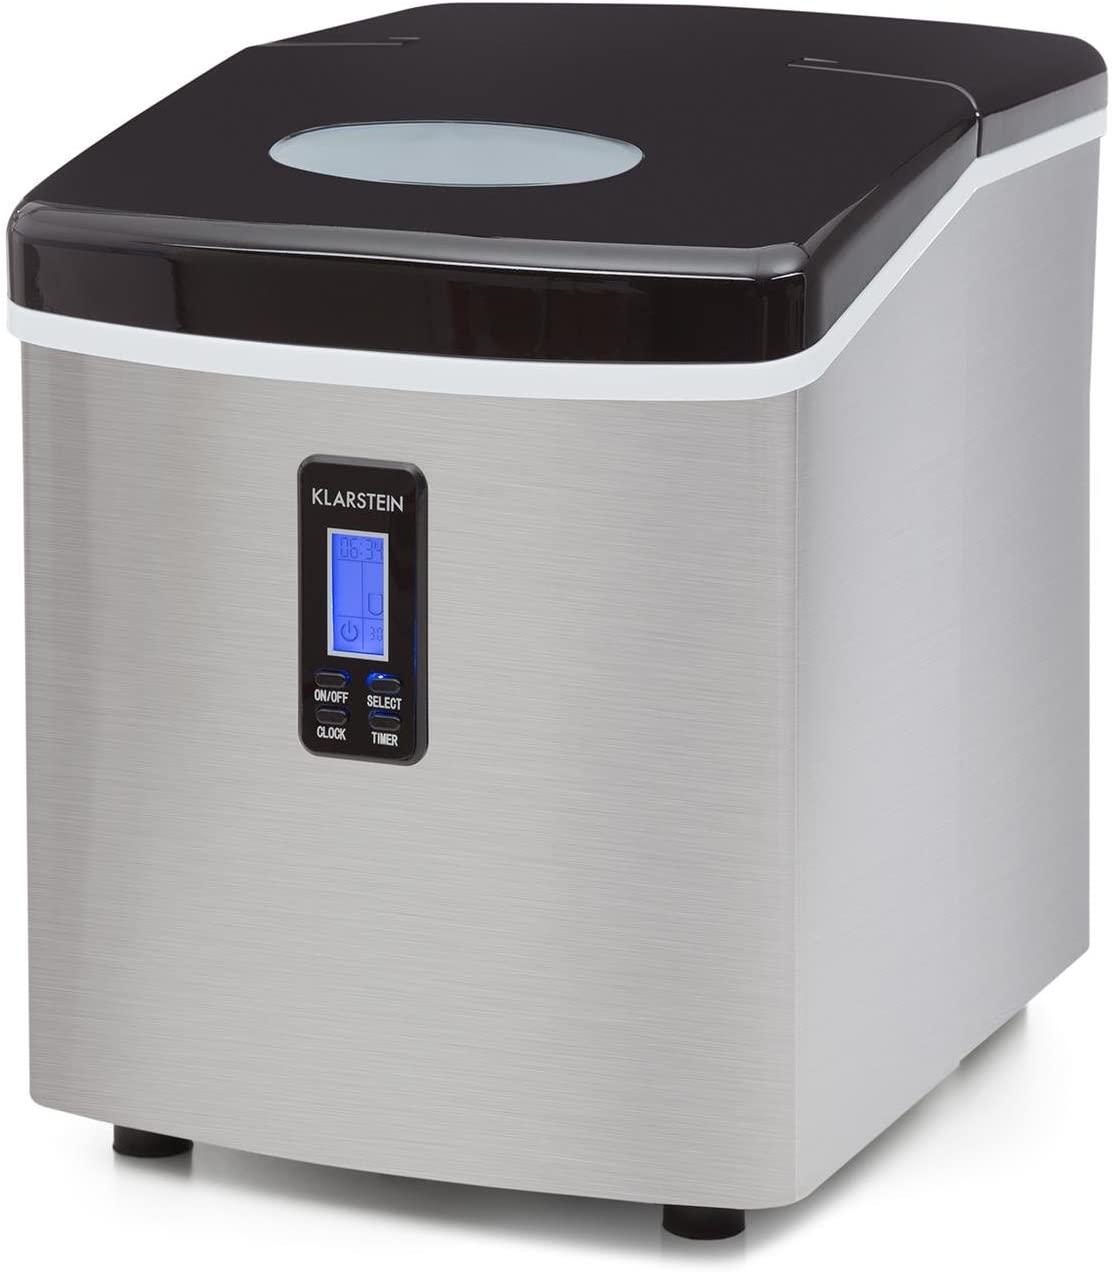 Klarstein Mr. Frost - Máquina de hacer hielo, Tanque de agua 3,3 L, Capacidad de 15 kg, 150 W, 3 tamaños, Preparación en 6-13 min. Aprox, Temporizador, Pantalla LCD, Indicador nivel agua, Negro